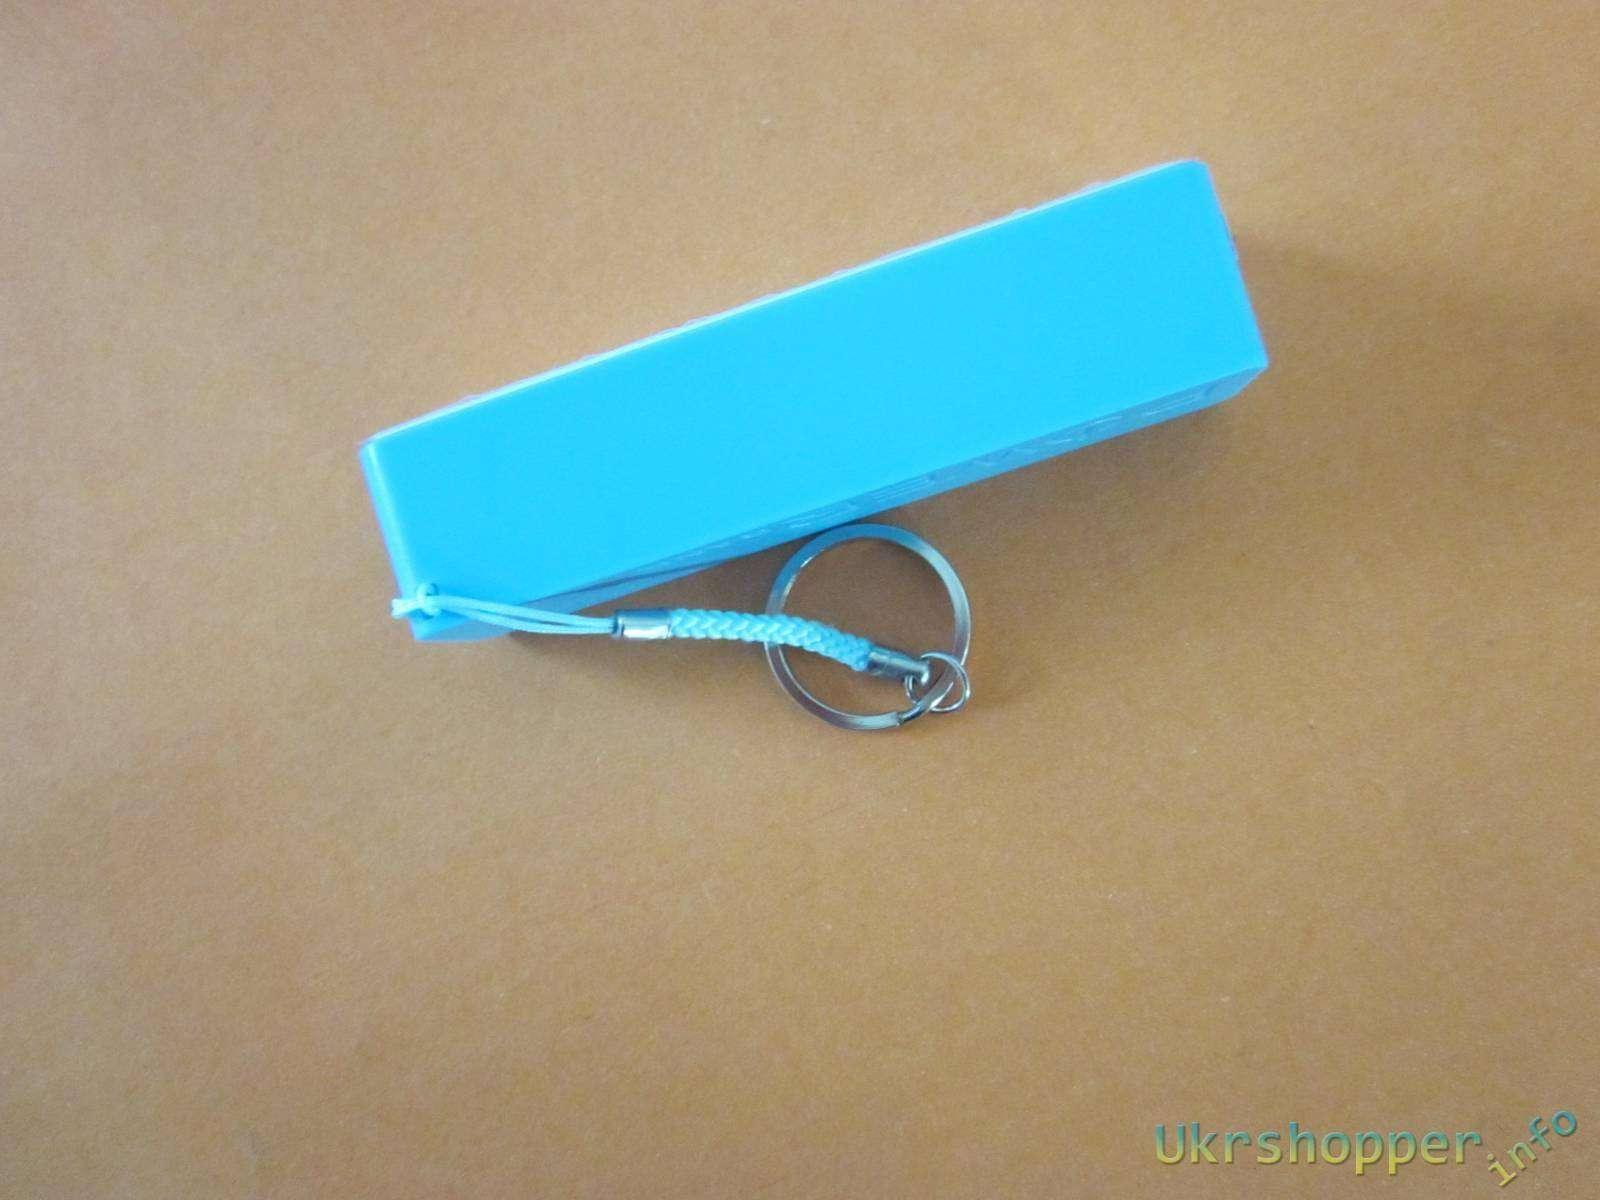 Aliexpress: Дешевый повербанк или брелок в 600 мАh ZC-010 - для подзарядки в экстренном случае.